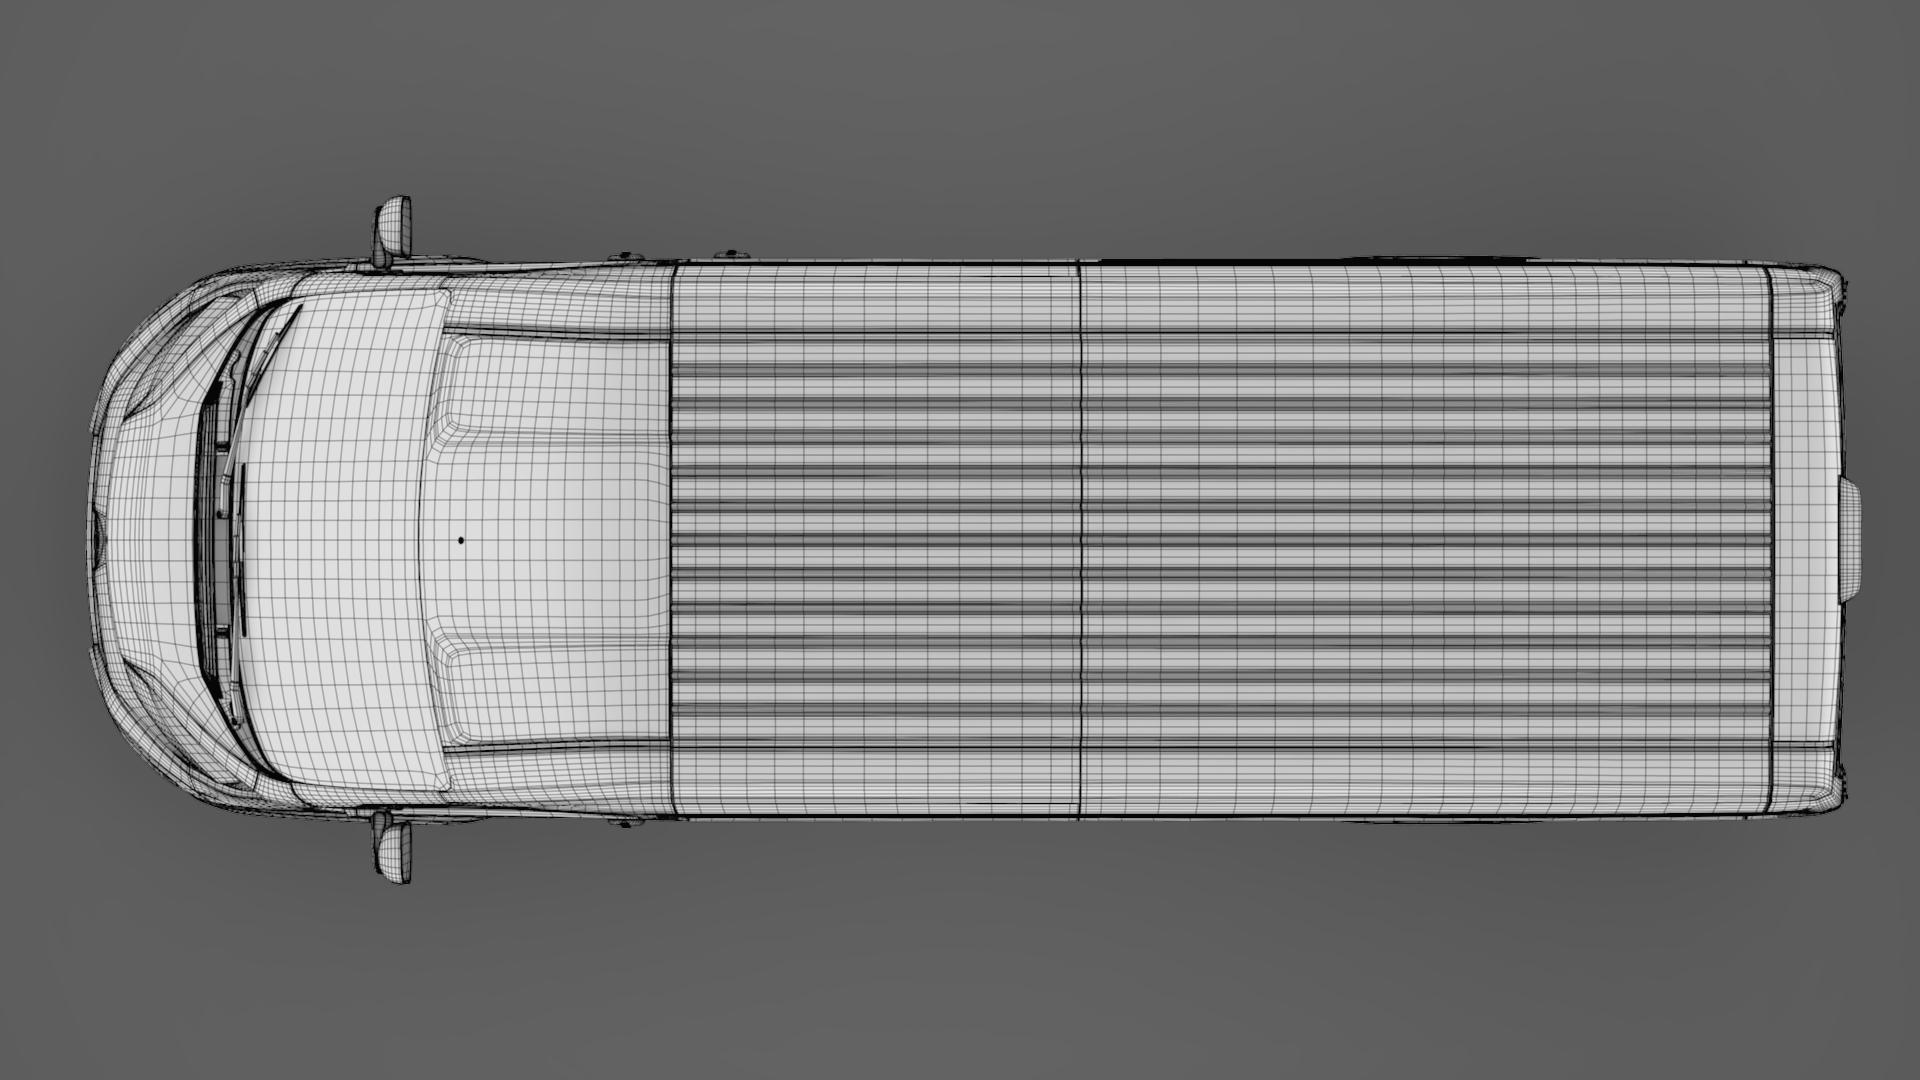 citroen jumper van l4h2 2017 3d model 3ds max fbx c4d lwo ma mb hrc xsi obj 222183